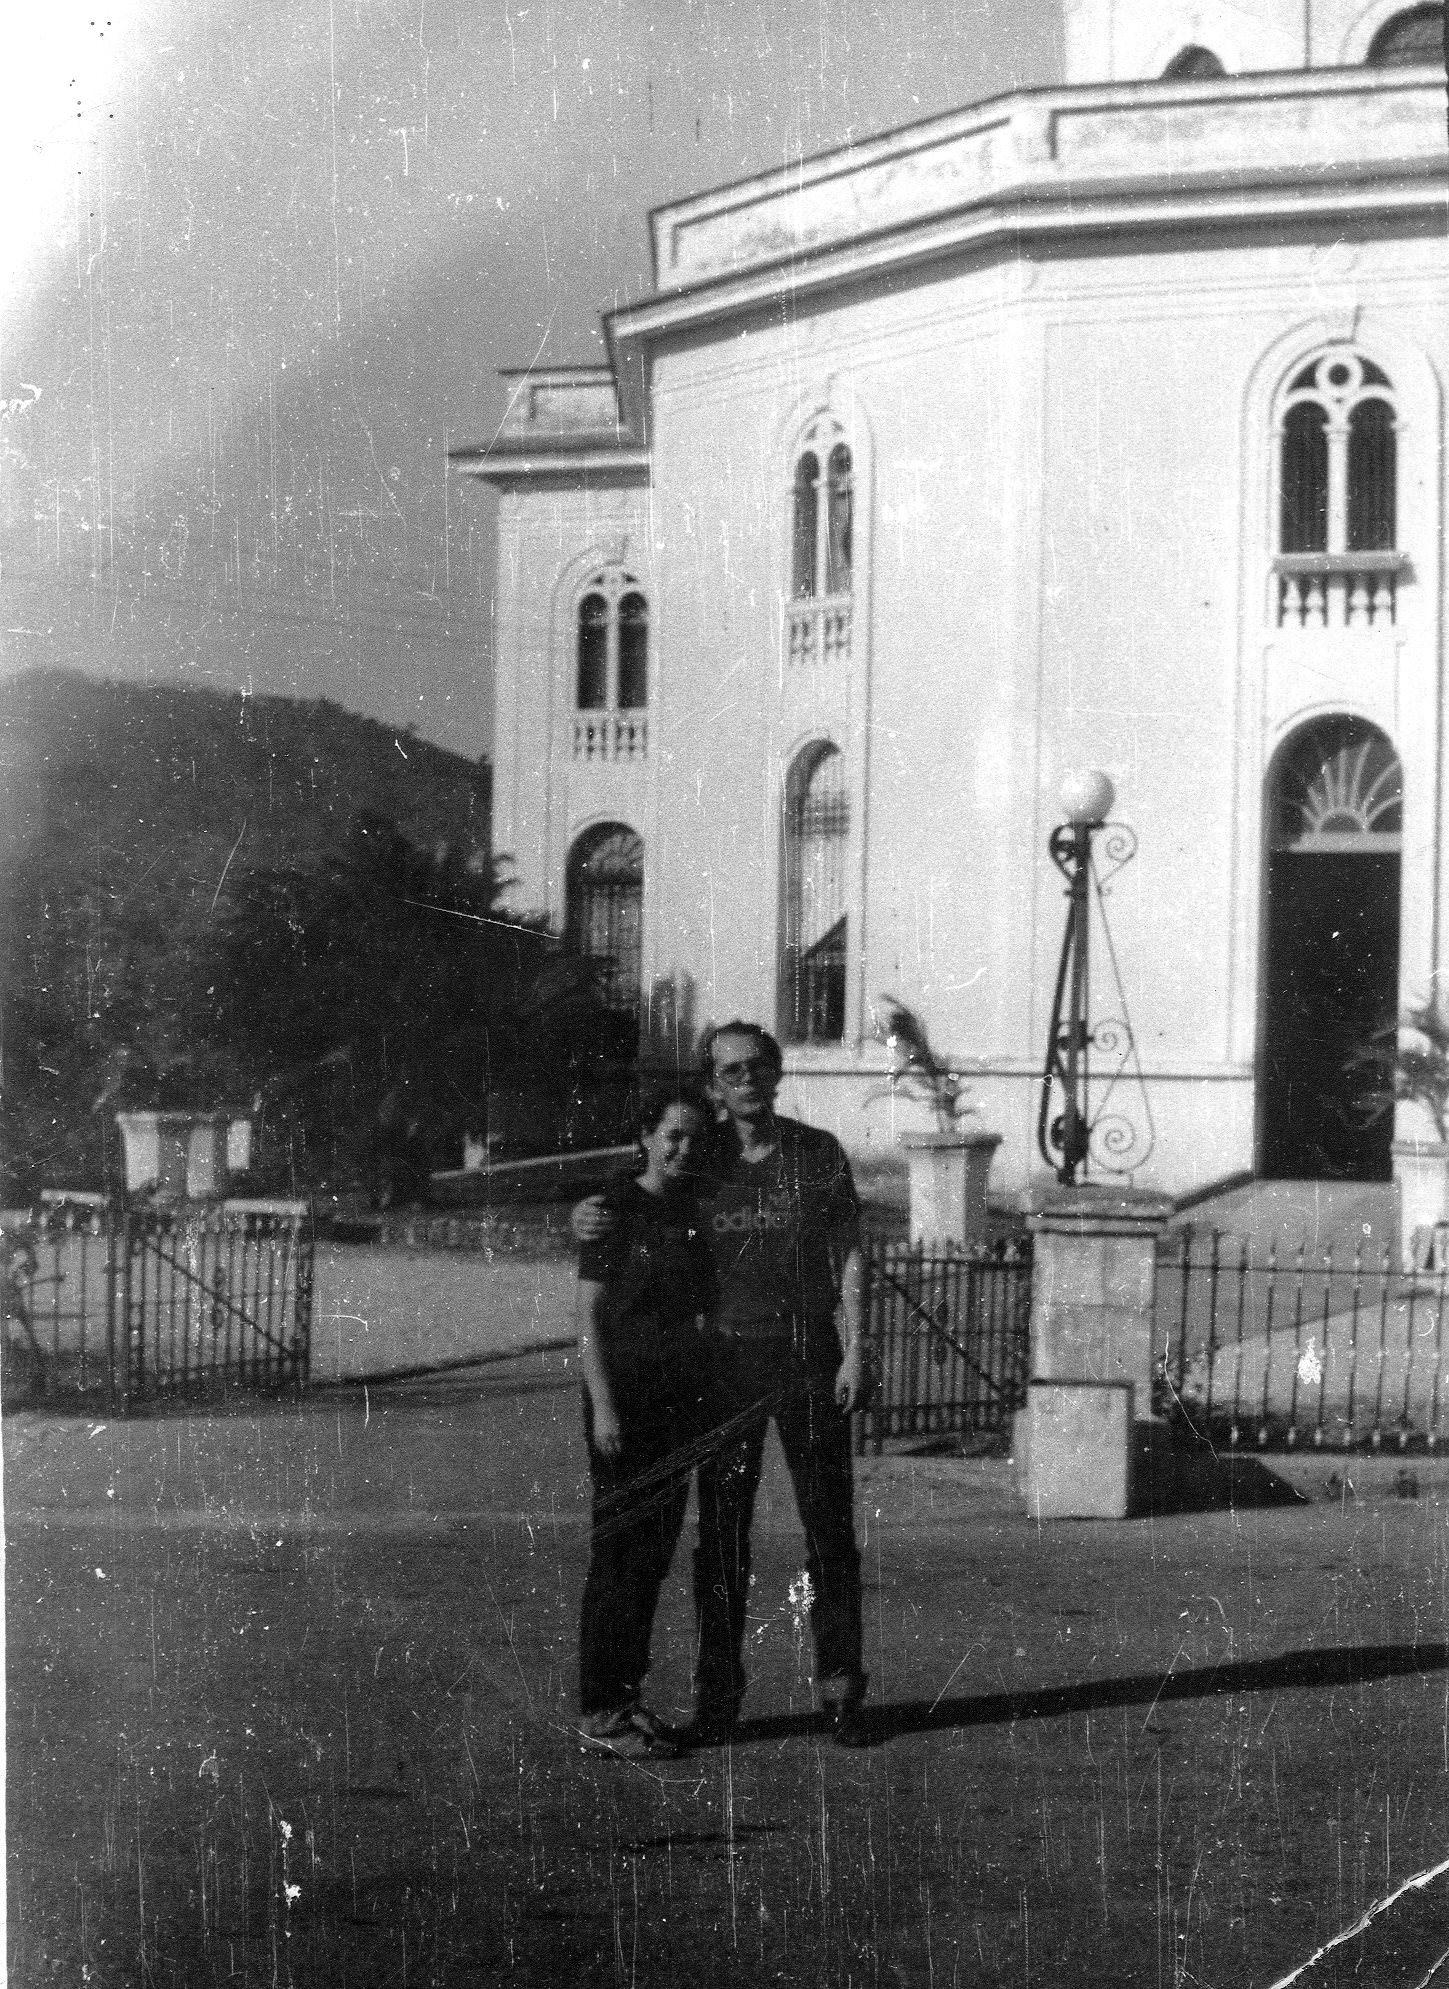 1982-1984. Фото 17. Март 1983. В день бракосочетания (Анатолия и Инны) у католического собора в Сантьяго-де-Куба.